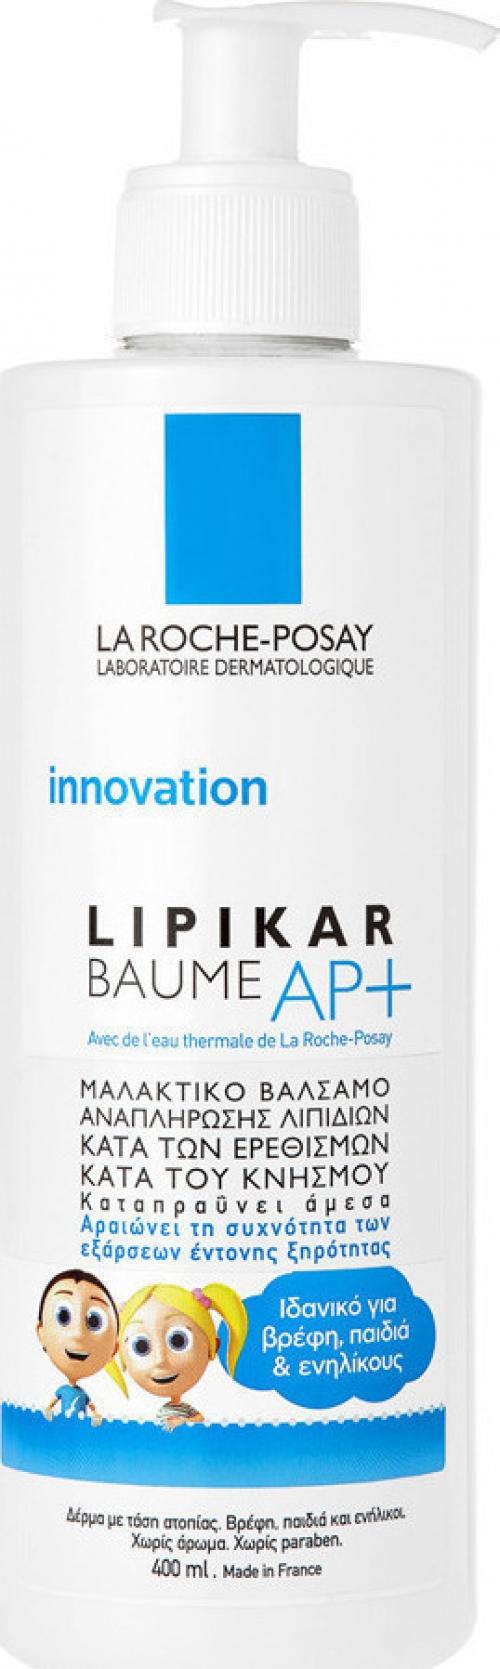 La Roche Posay Lipikar Baume AP+ Pump 400ml